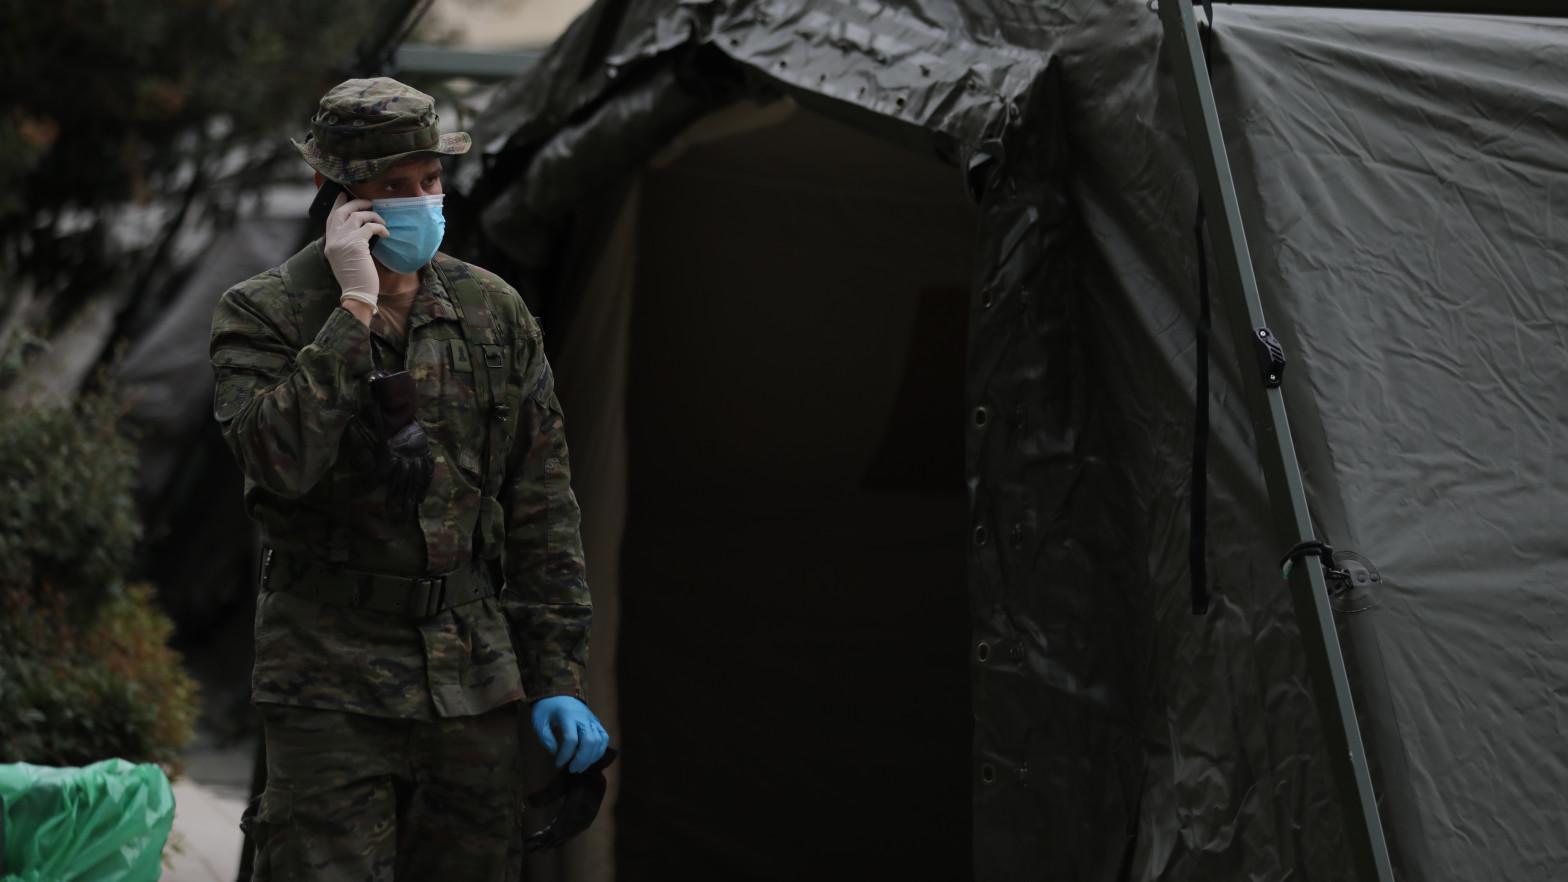 Las Fuerzas Armadas rastrearon redes para medir el impacto de su misión contra la covid